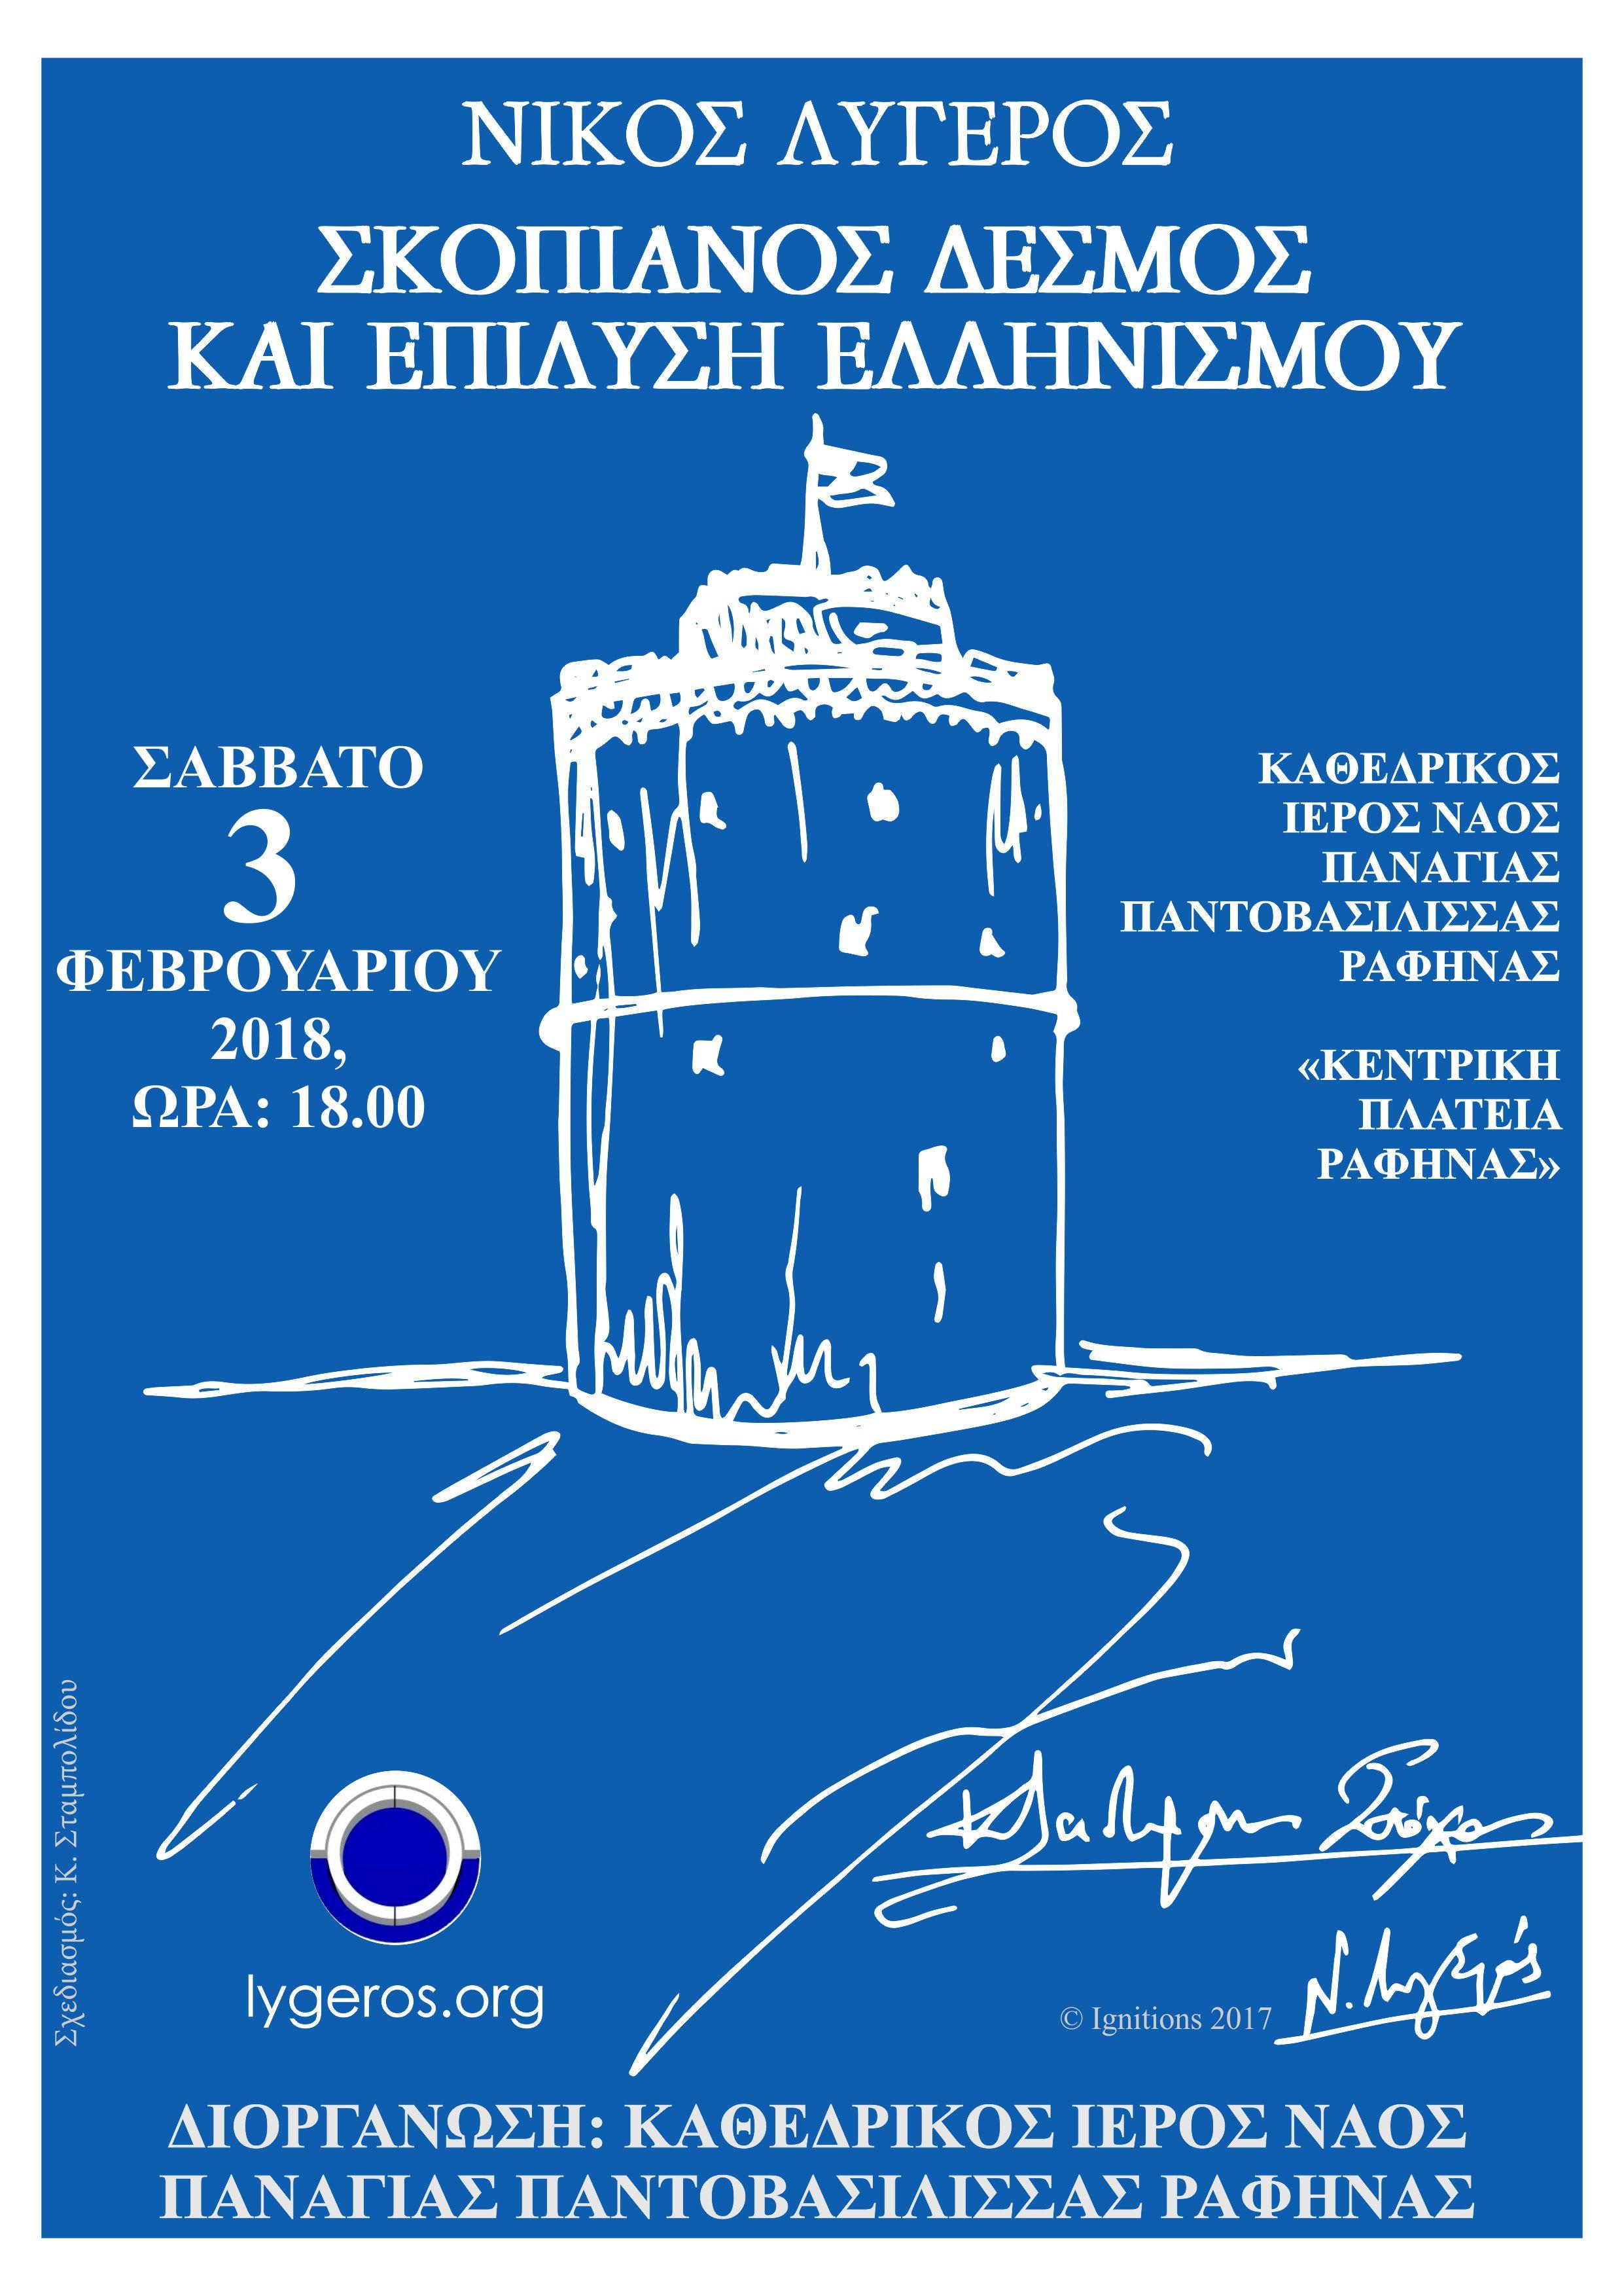 Διάλεξη: Σκοπιανός δεσμός και επίλυση Ελληνισμού